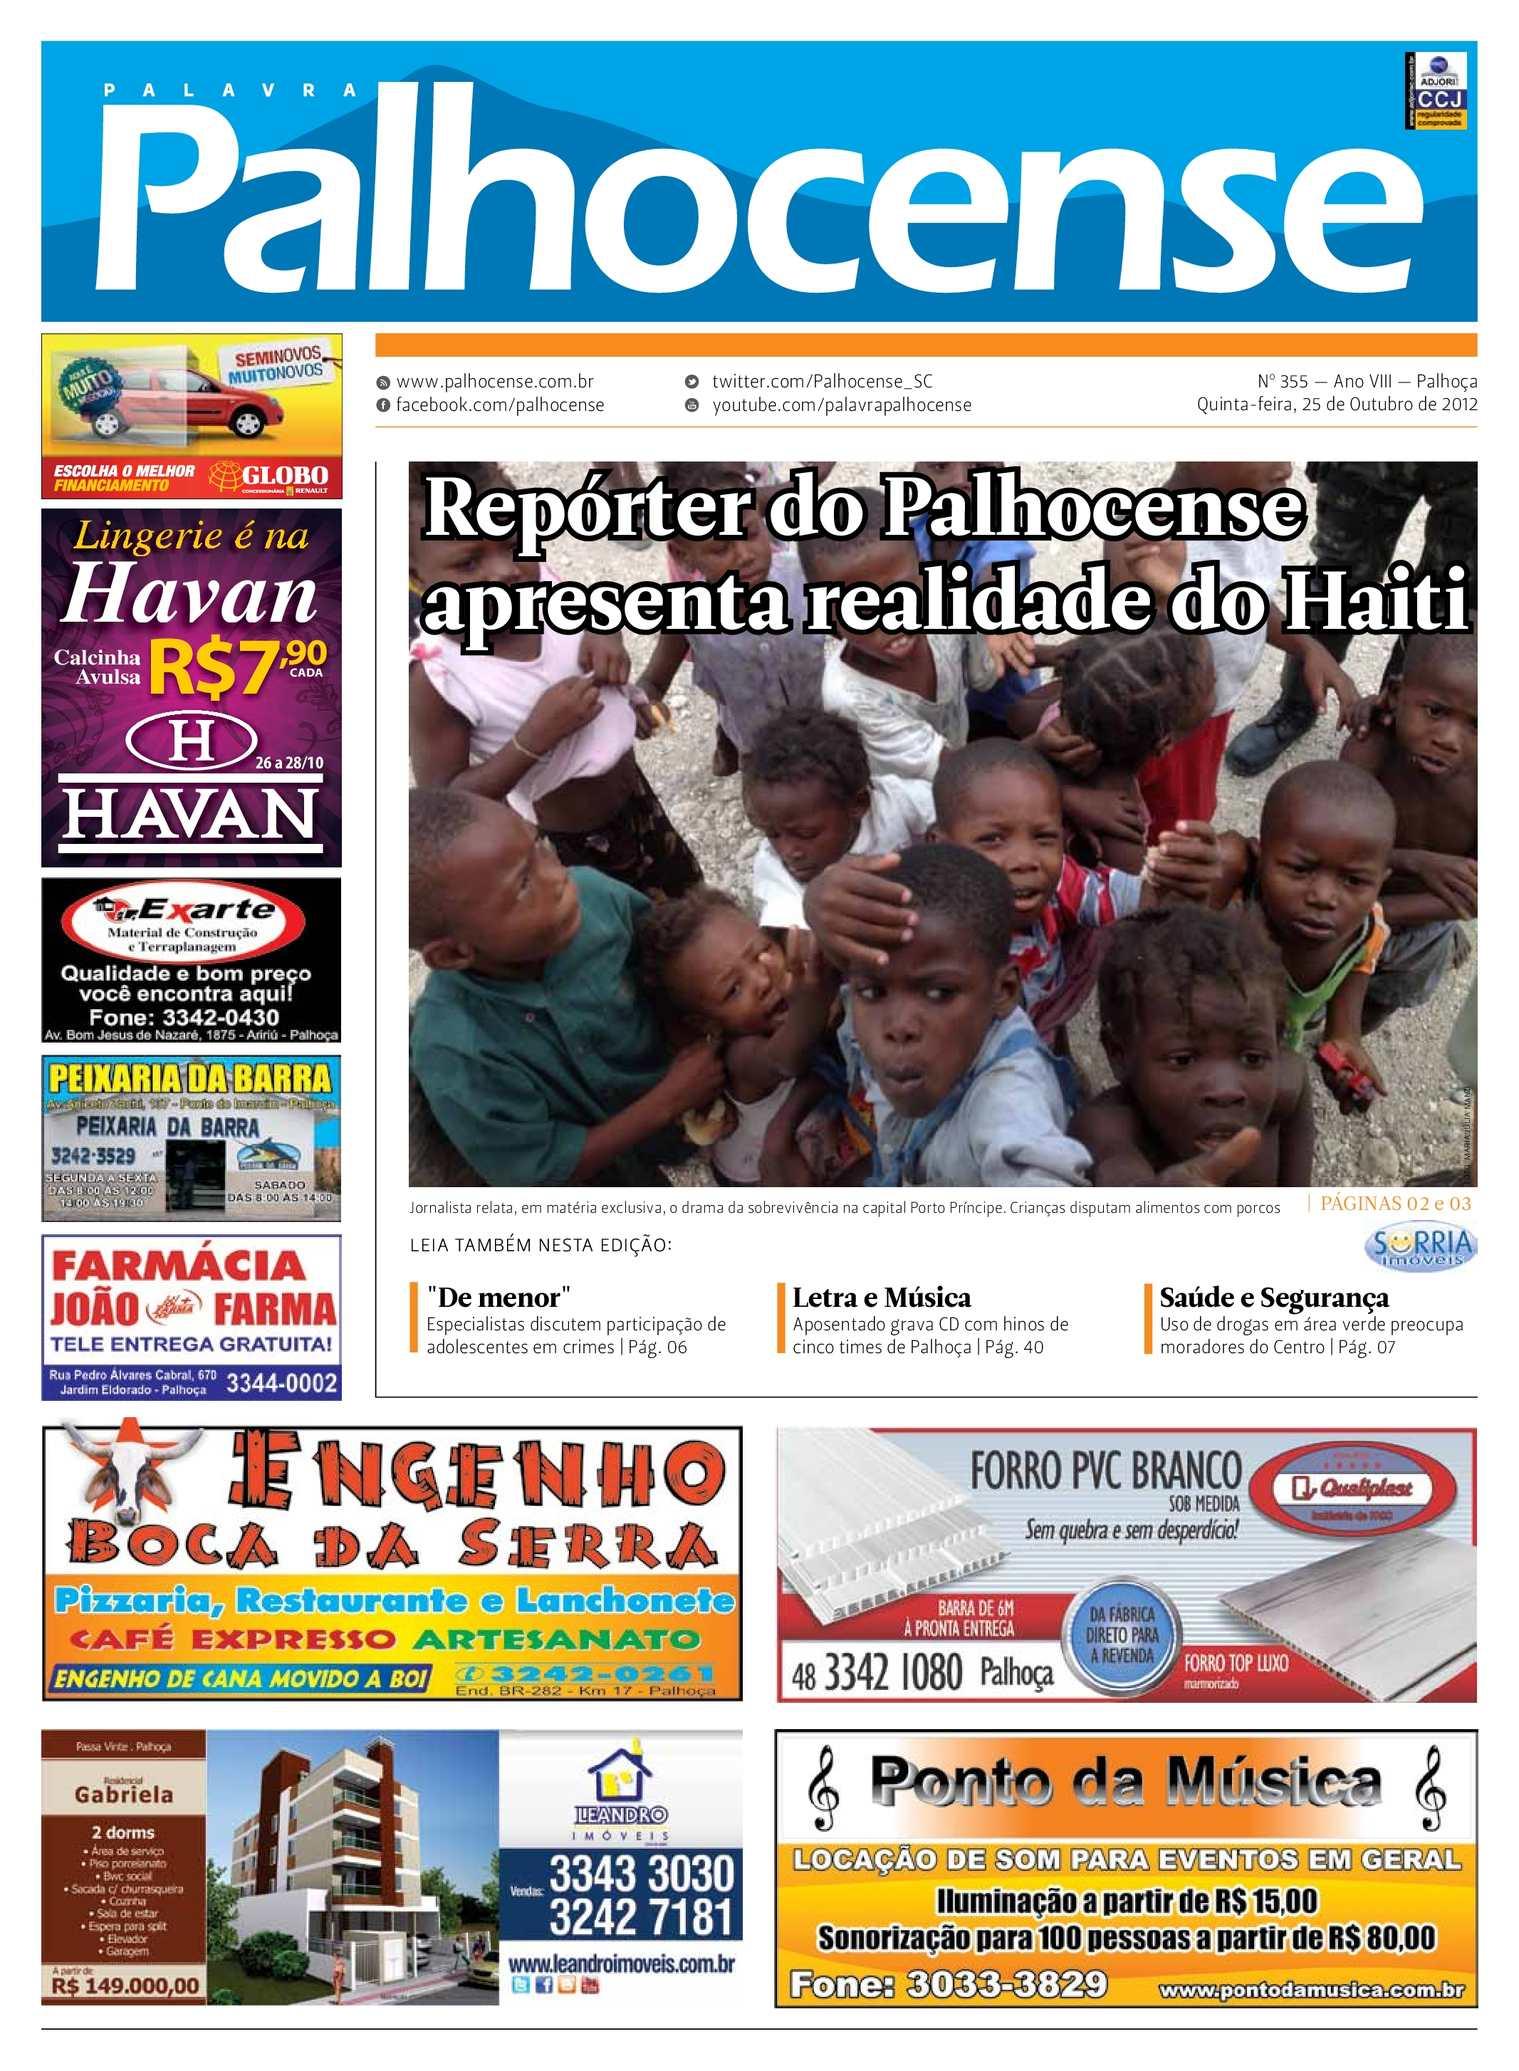 2bc719669688d Calaméo - Jornal Palavra Palhocense - Edição 355